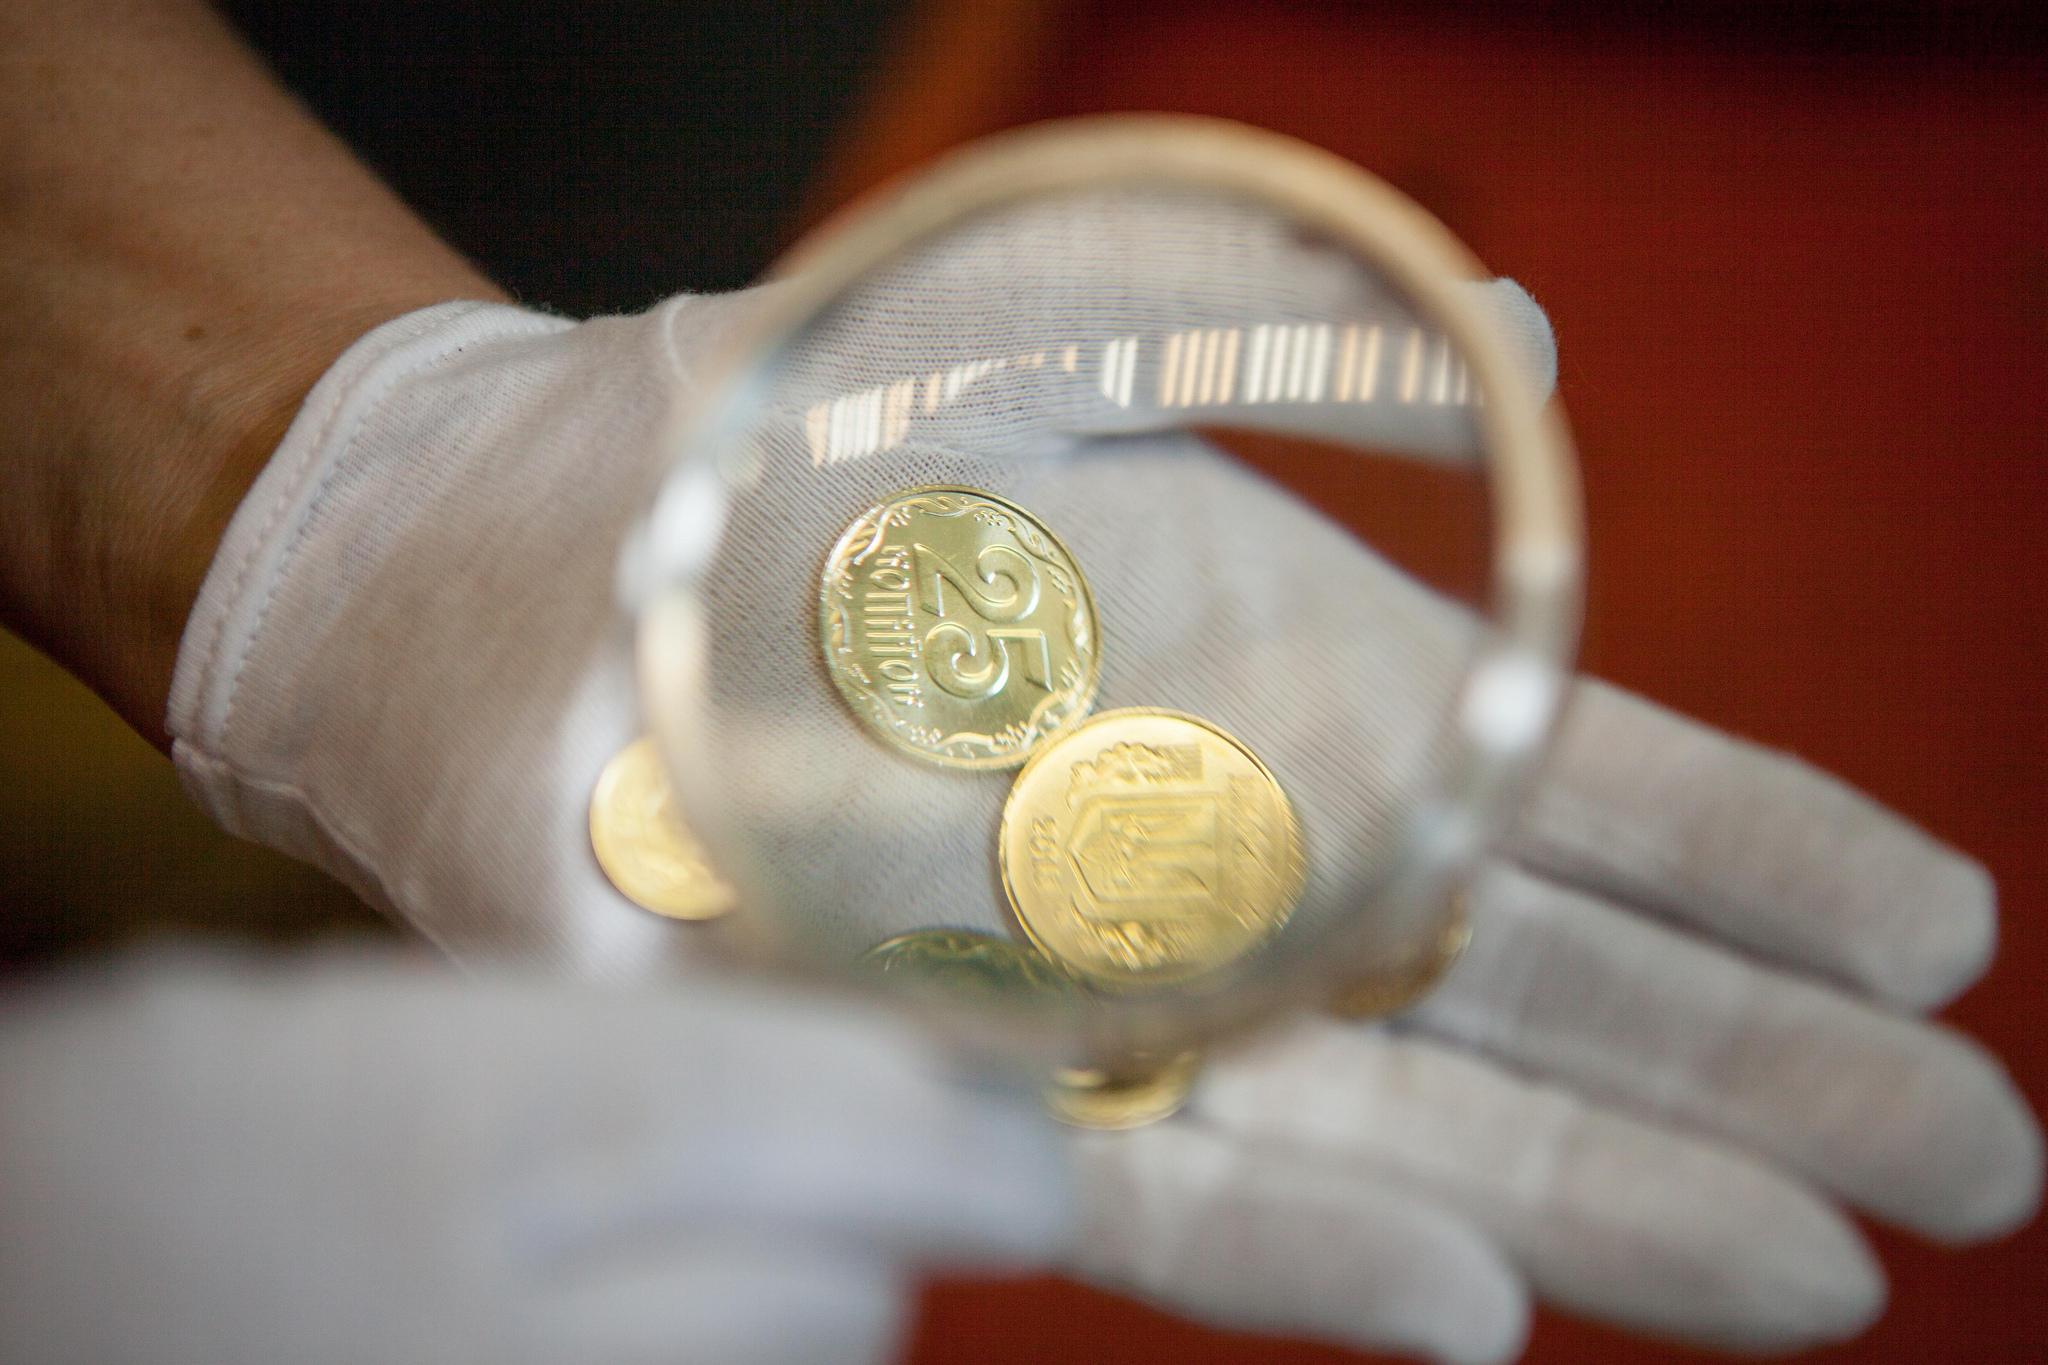 Проклятие гривны: курс доллара может упасть ниже 20 грн, но есть условия